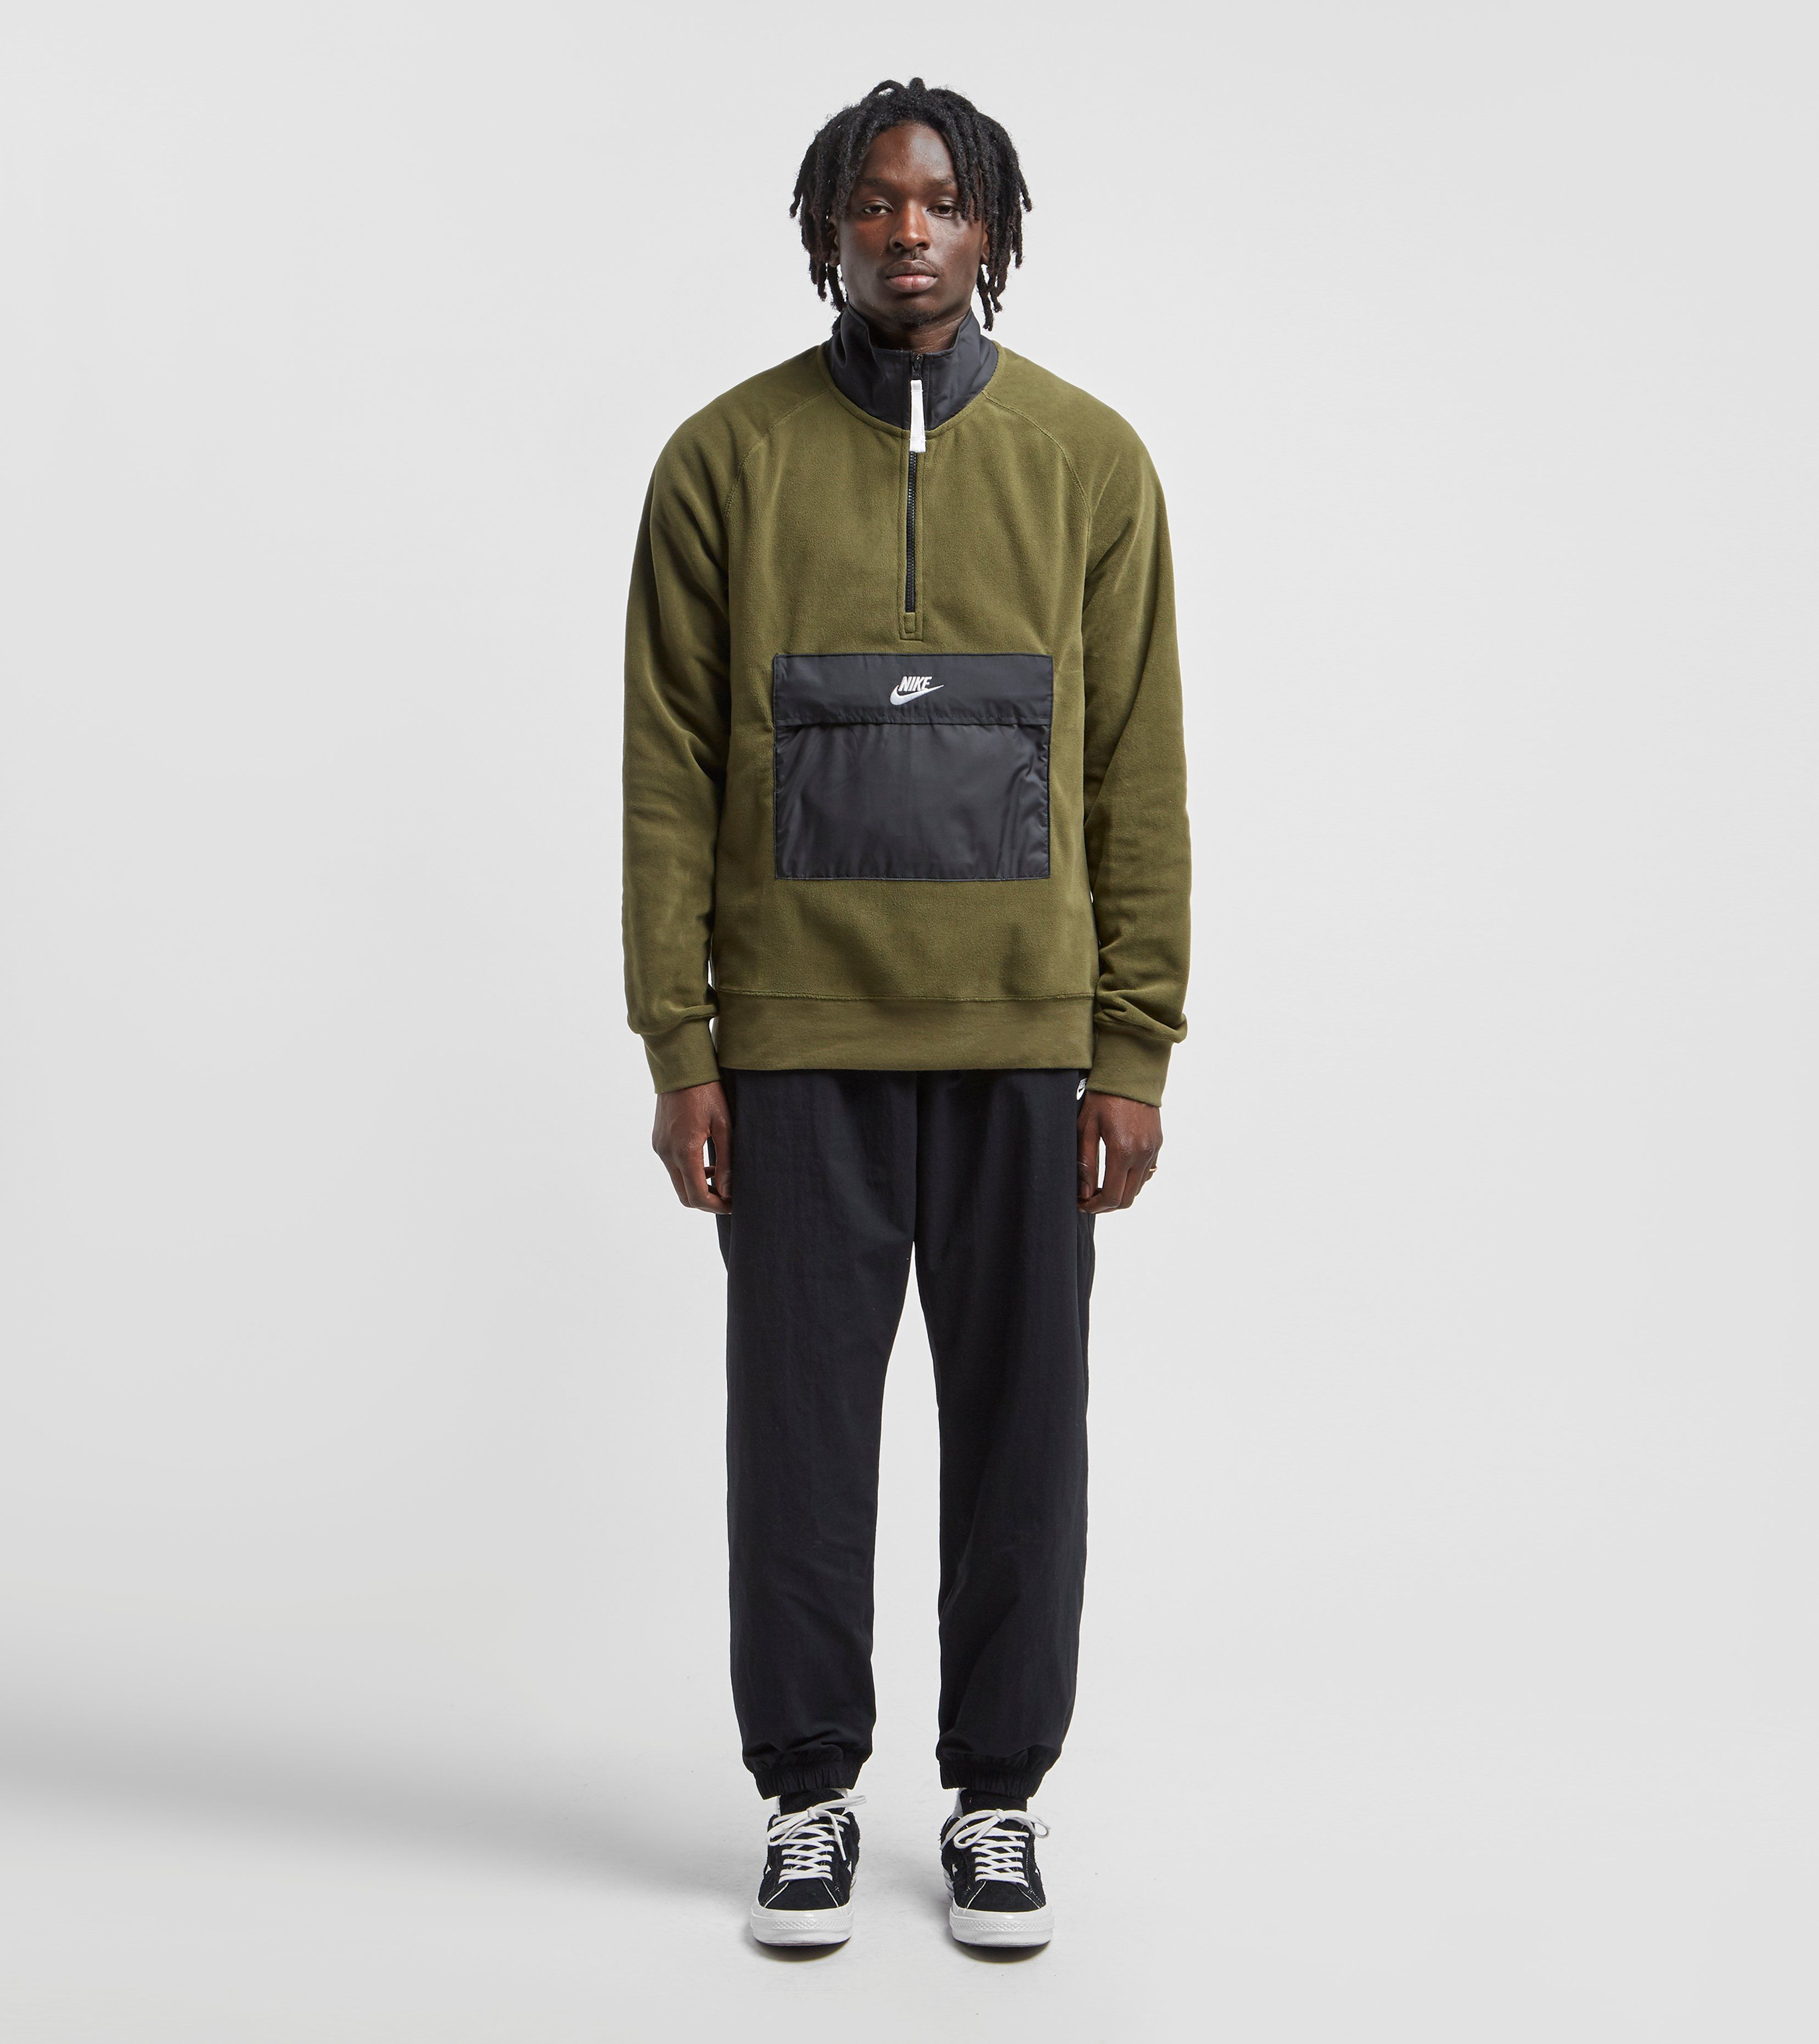 Nike Polar Fleece 1/2 Zip Sweatshirt